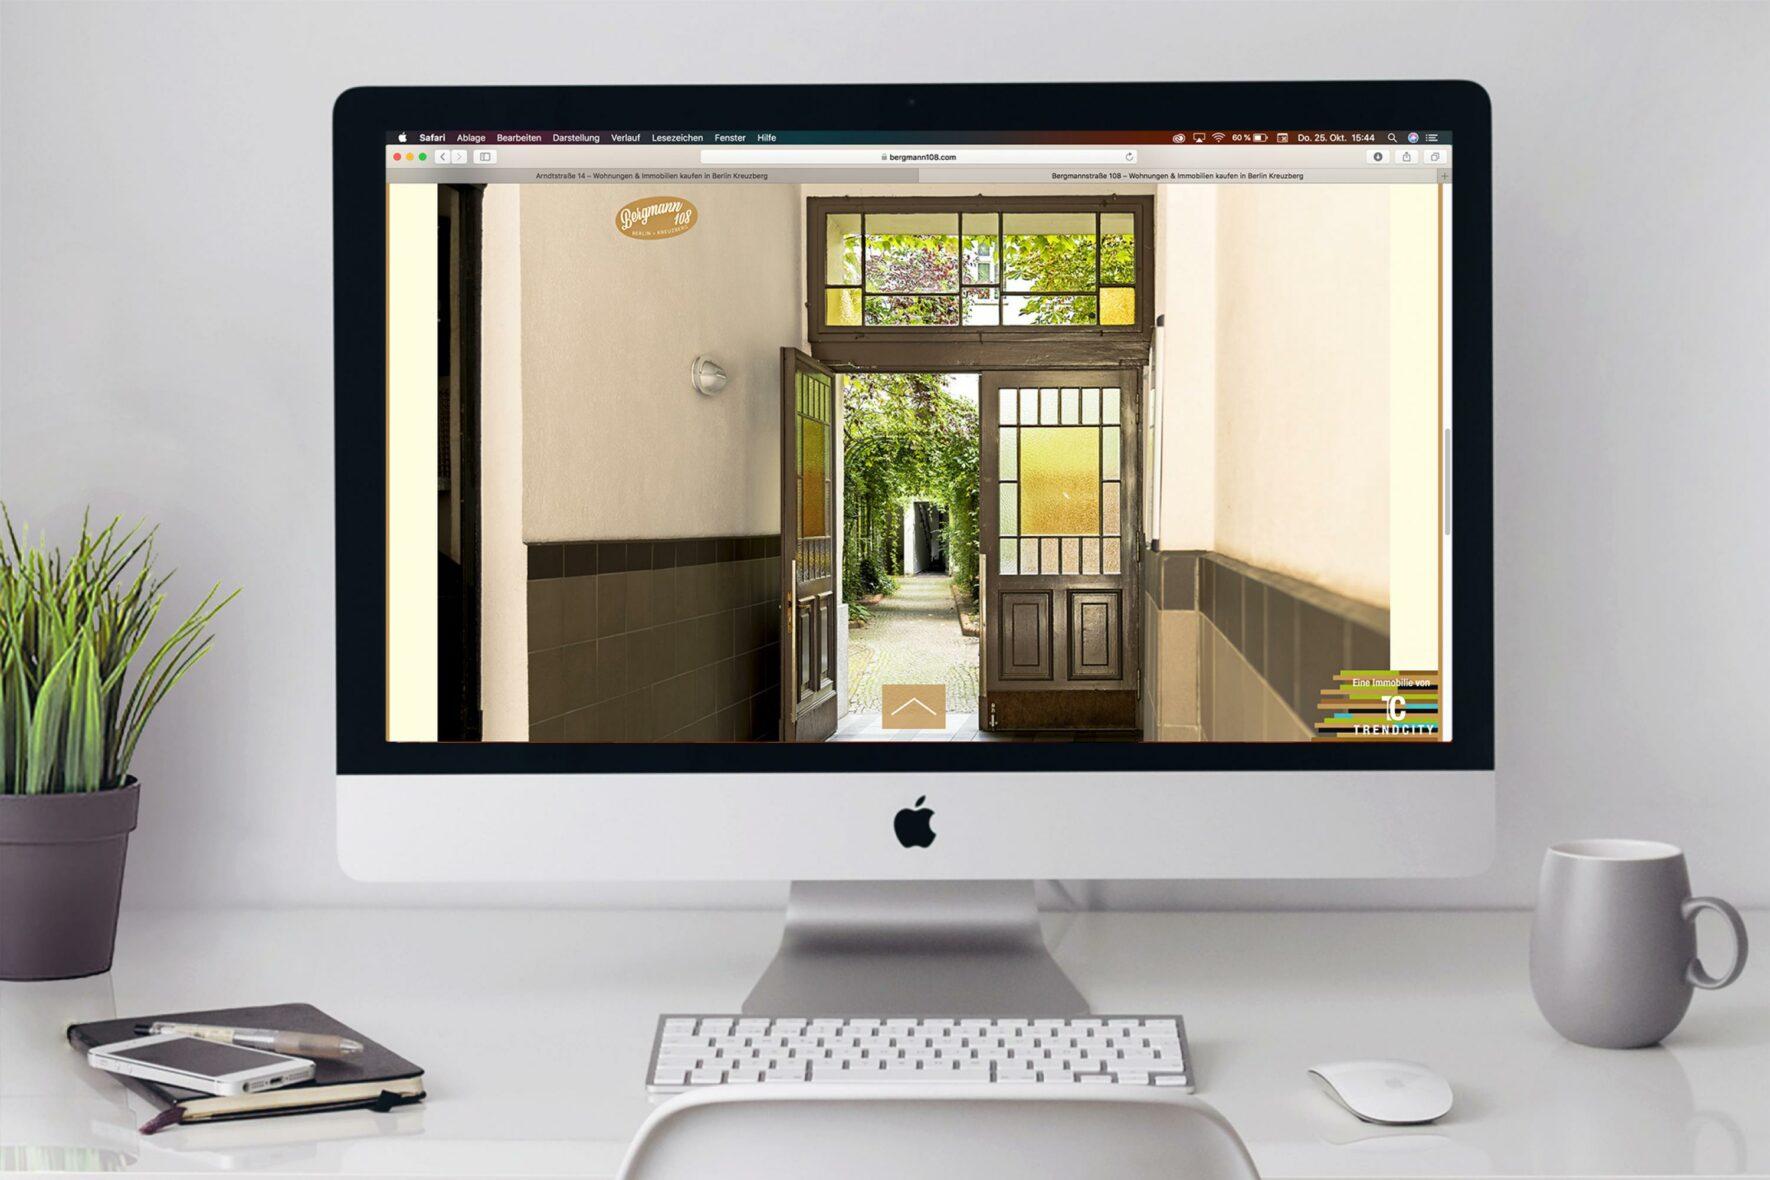 Webiste-Objekte-Branding-Trendcity-Immobilien-Corporate-design-bergmann-2 Kopie